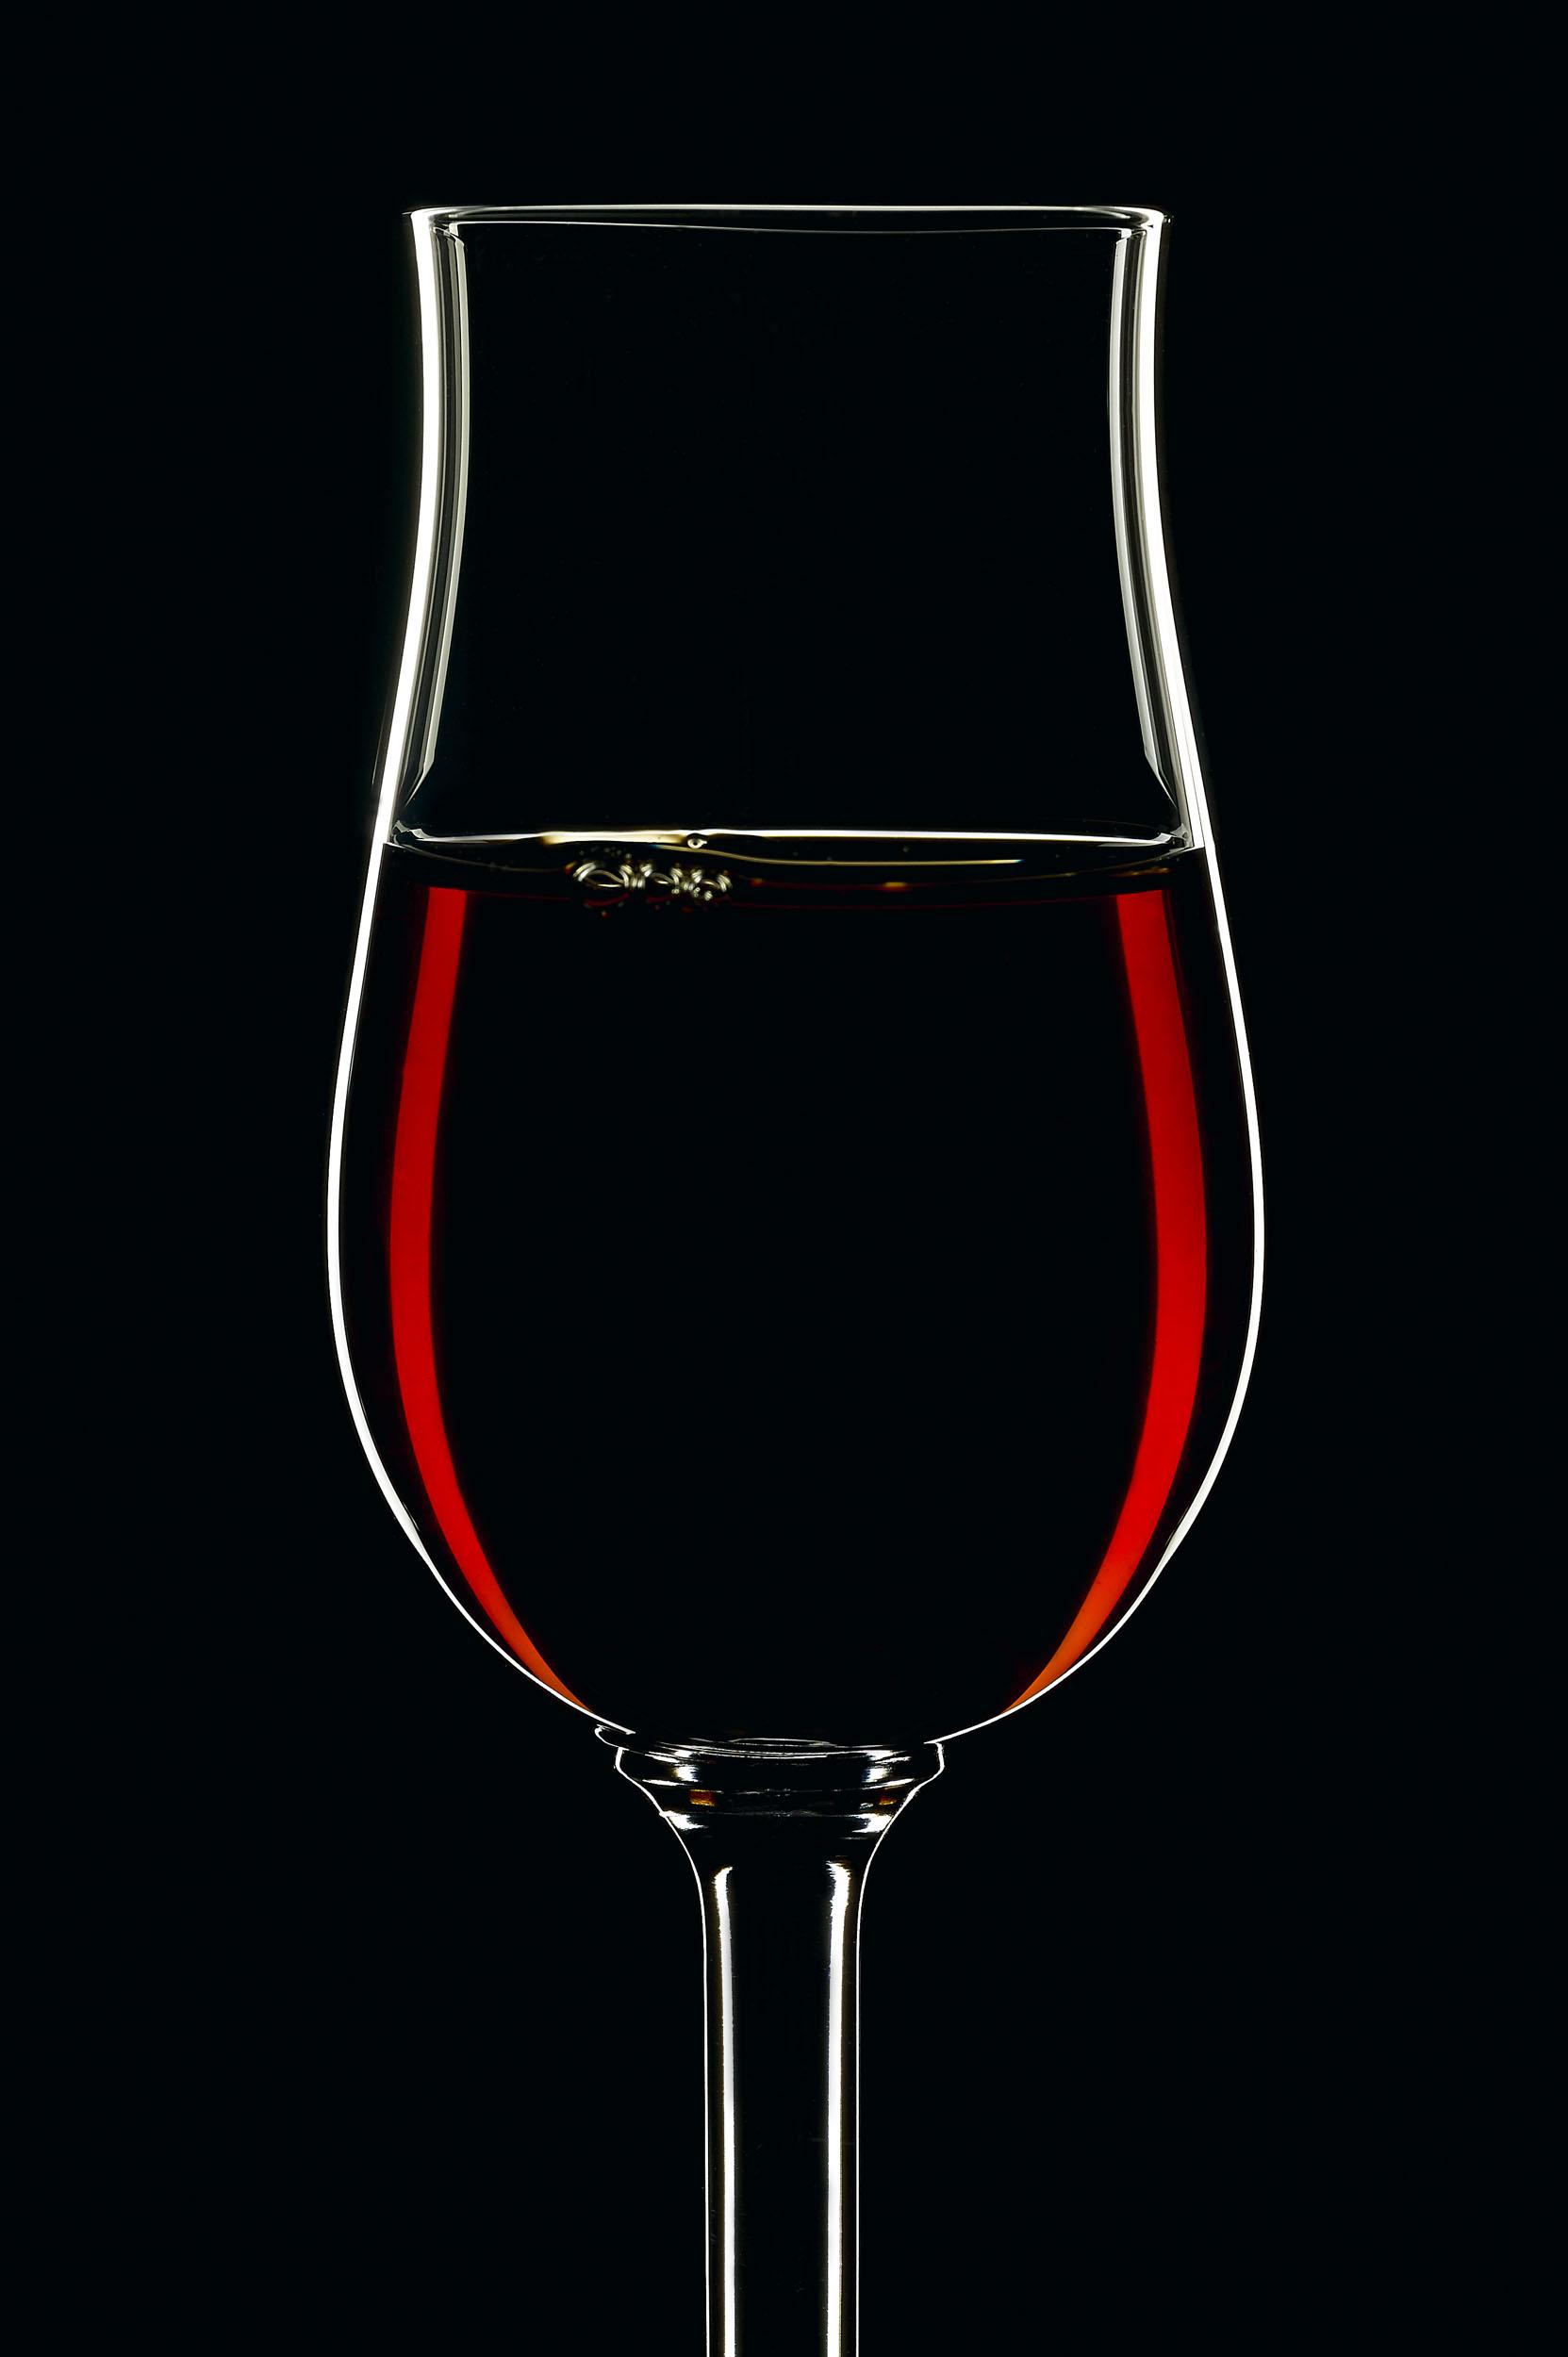 Copa de vino tinto ornia fotograf a e imagen for Copa vino tinto